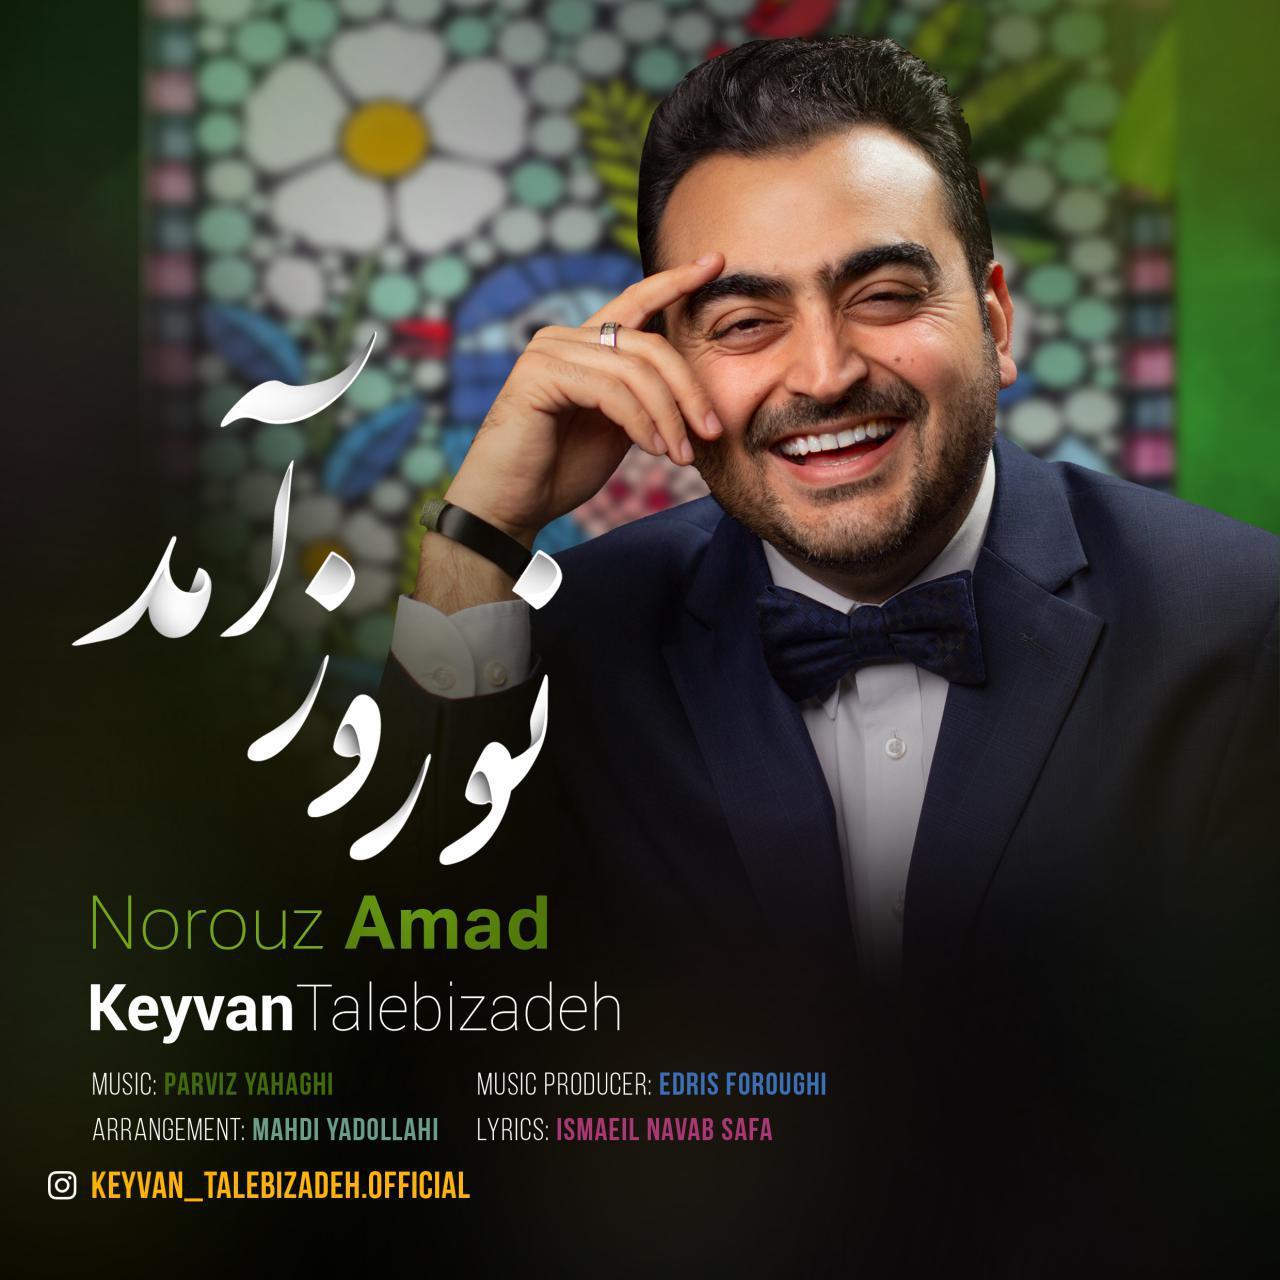 Keyvan Talebizadeh – Norouz Amad